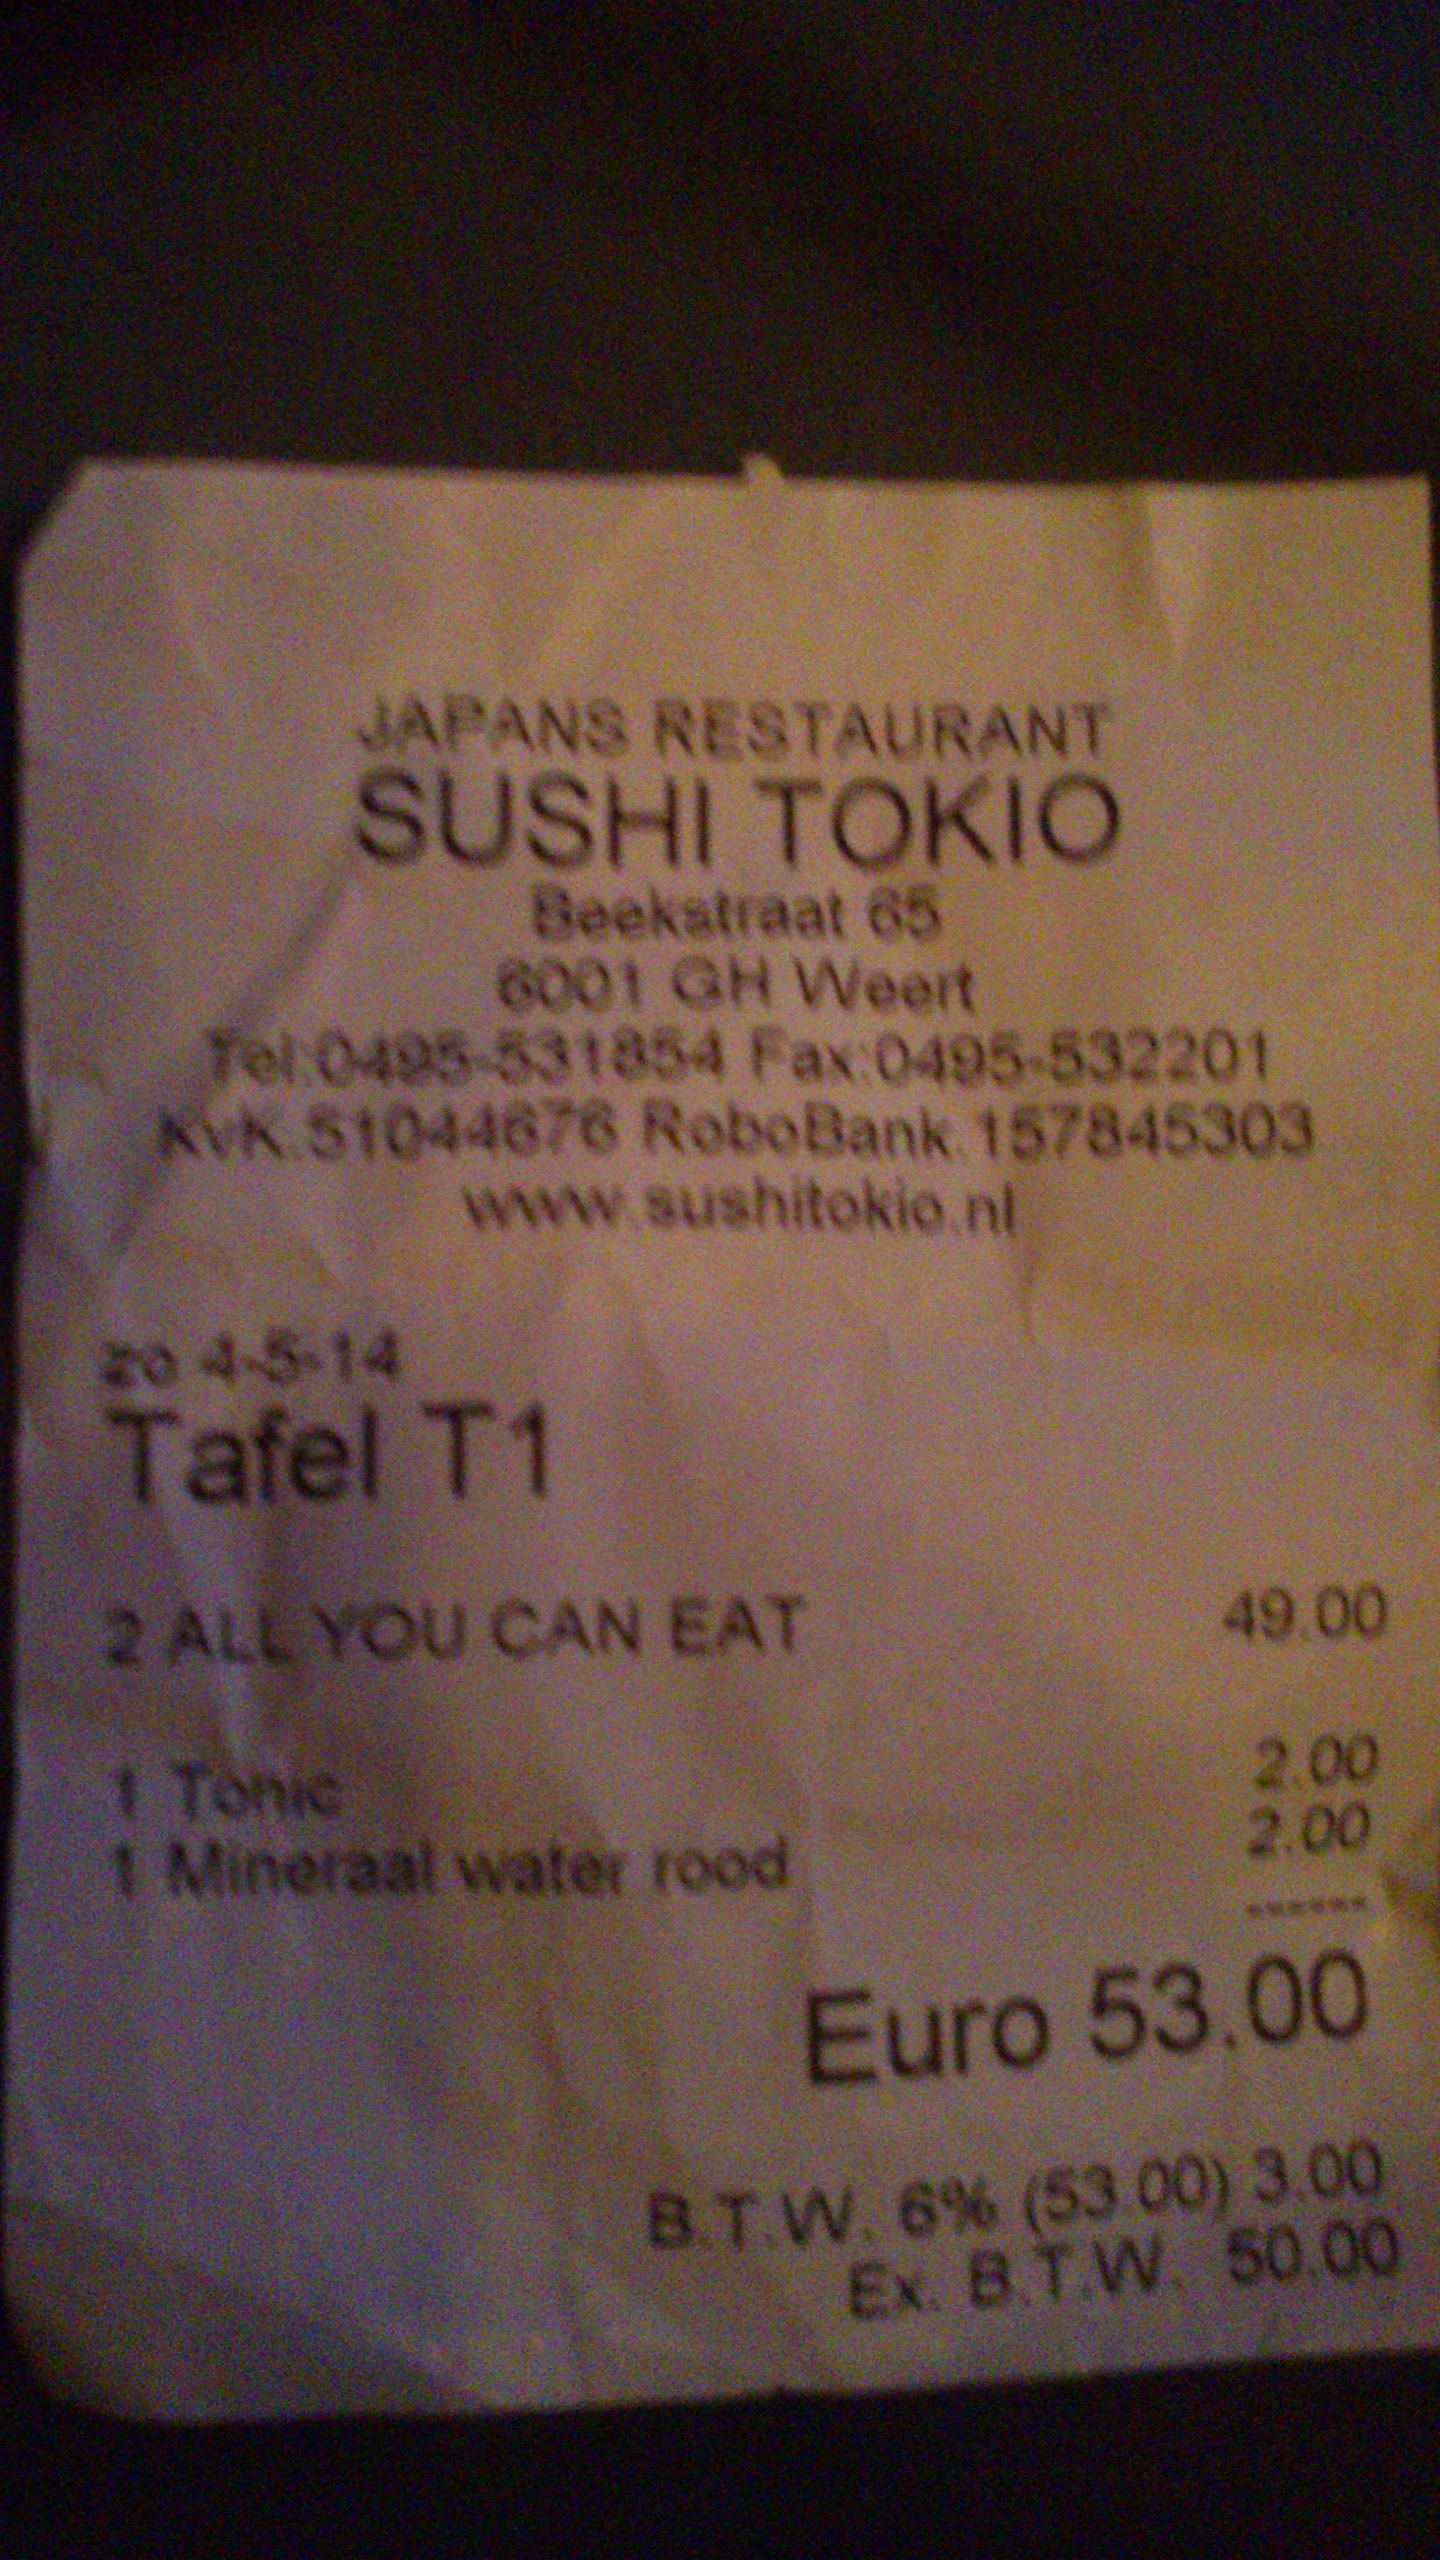 De Ronde Tafel Weert.Sushi Tokio In Weert Eet Nu